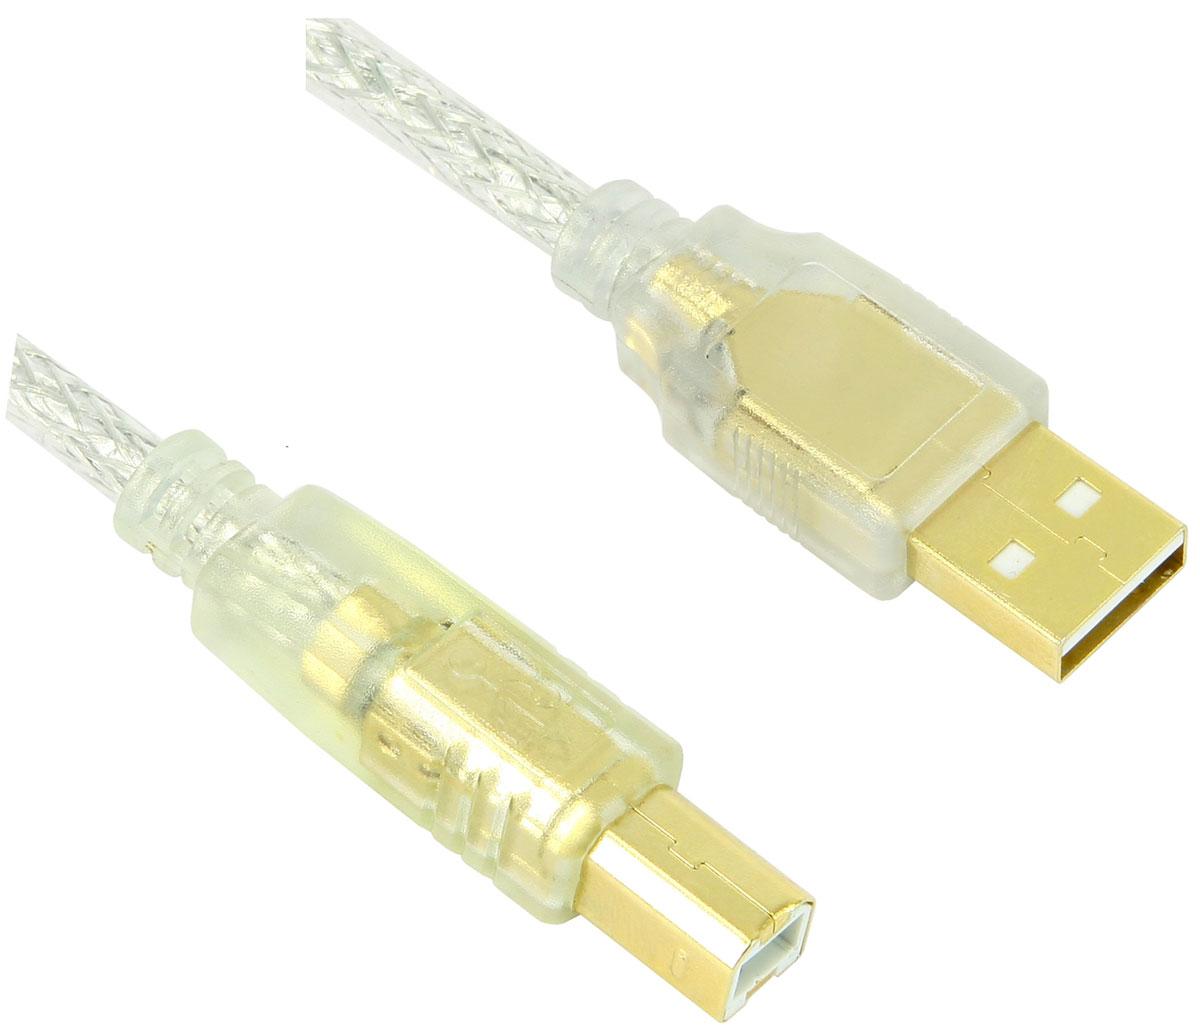 Greenconnect GCR-UPC2M-BD2SG кабель интерфейсный USB 2.0 тип A/B (5 м)GCR-UPC2M-BD2SG-5.0mКабель Greenconnect GCR-UPC2M-BD2SG необходим для подключения к компьютеру принтера, камеры, сканера, МФУ и других устройств с разъемом USB тип B. Экранирование гарантированно защищает сигнал от помех и искажений.